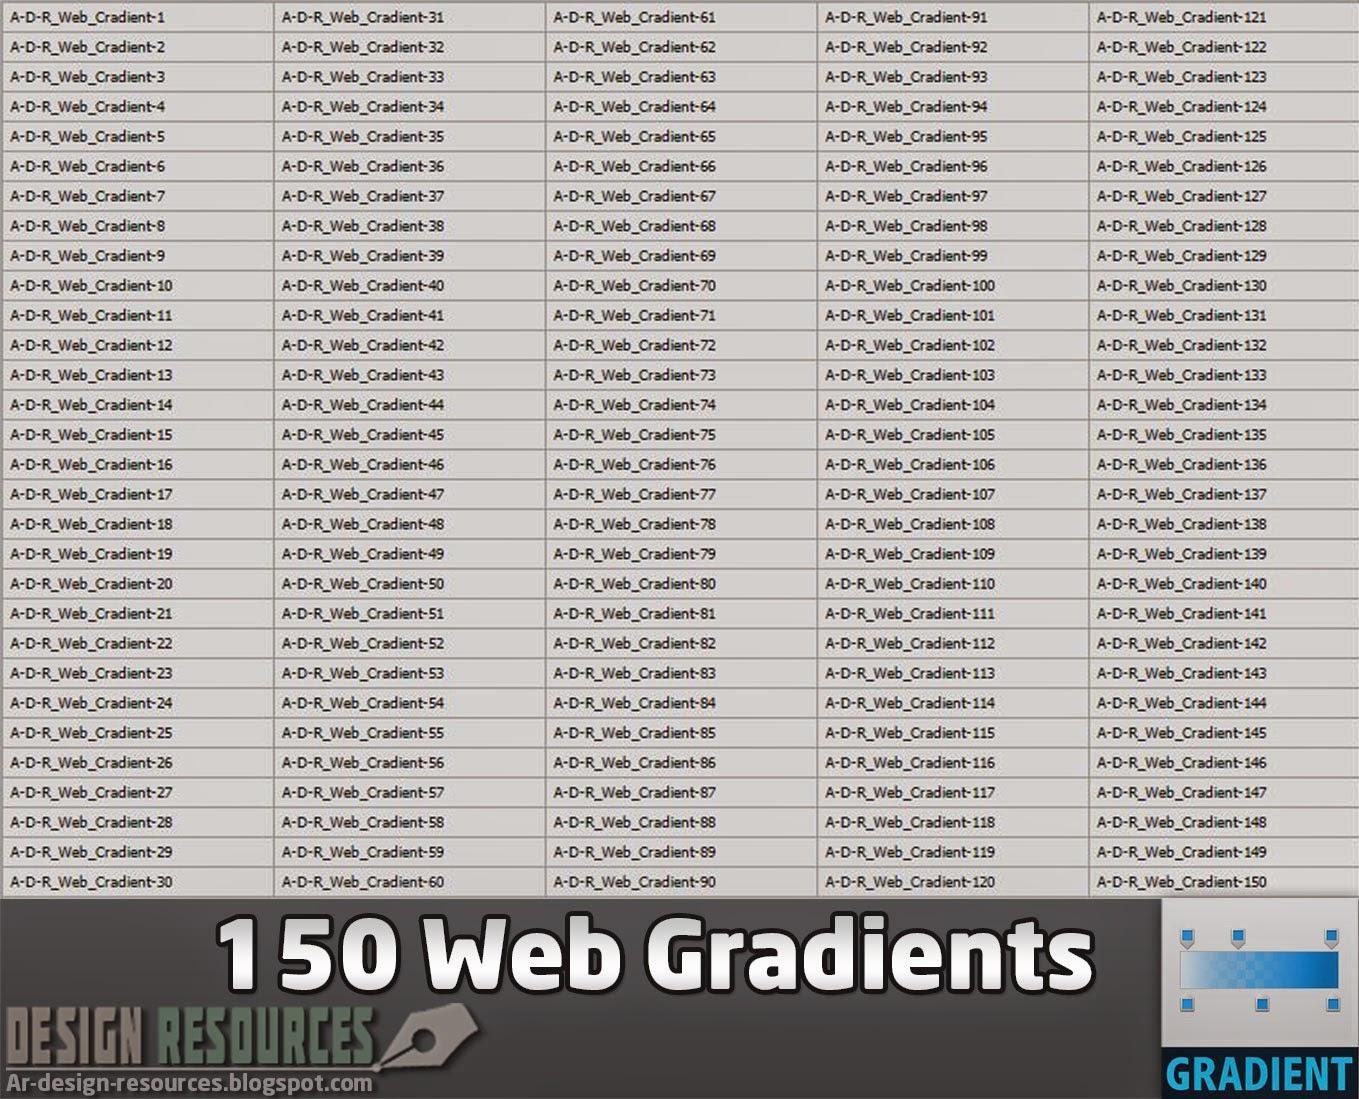 http://2.bp.blogspot.com/-vAwb_jp_p-8/VDrreQSpAoI/AAAAAAAABAI/Wtpu2hWG9ko/s1600/150-free-Web-Gradients_Ar-Design-Resources_Prv-2.jpg